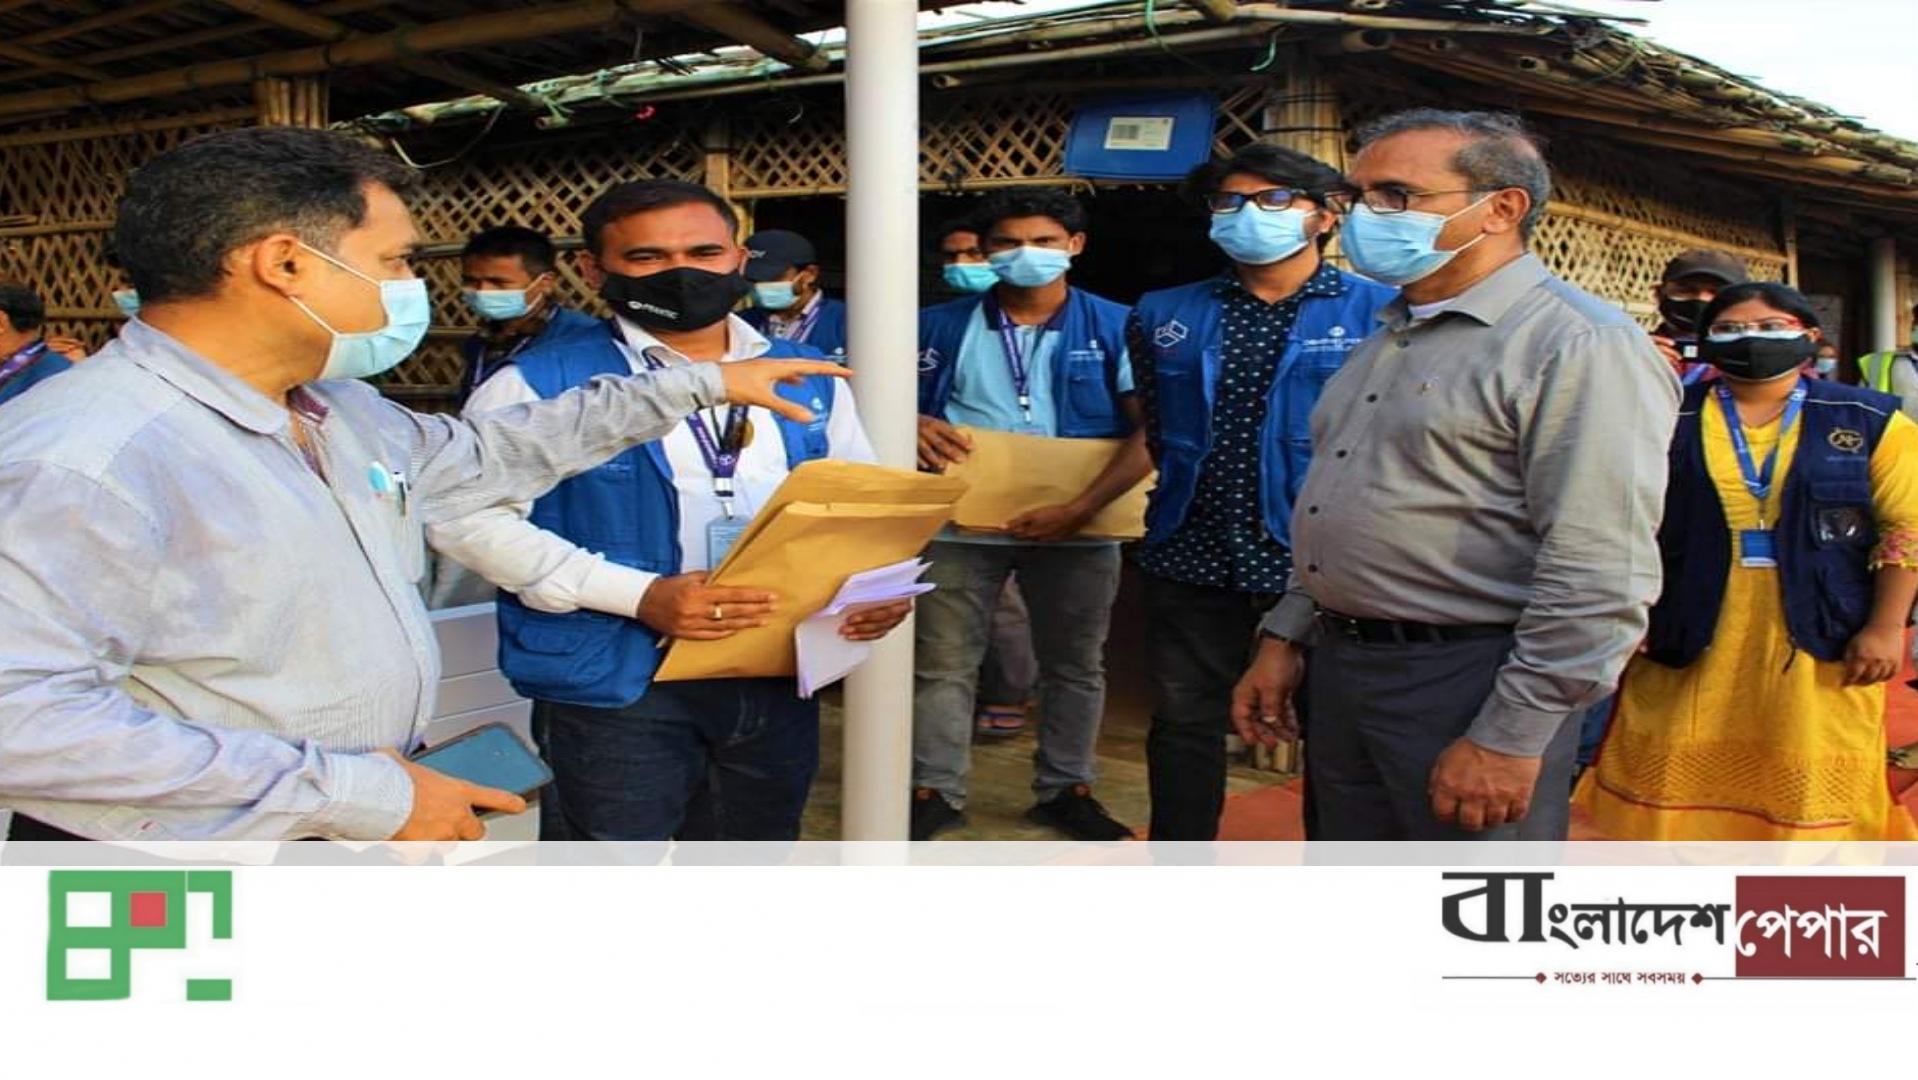 রোহিঙ্গা শিবিরের স্বাস্থ্য সেবা কেন্দ্র পরিদর্শনে শরণার্থী ত্রাণ ও প্রত্যাবাসন কমিশনার